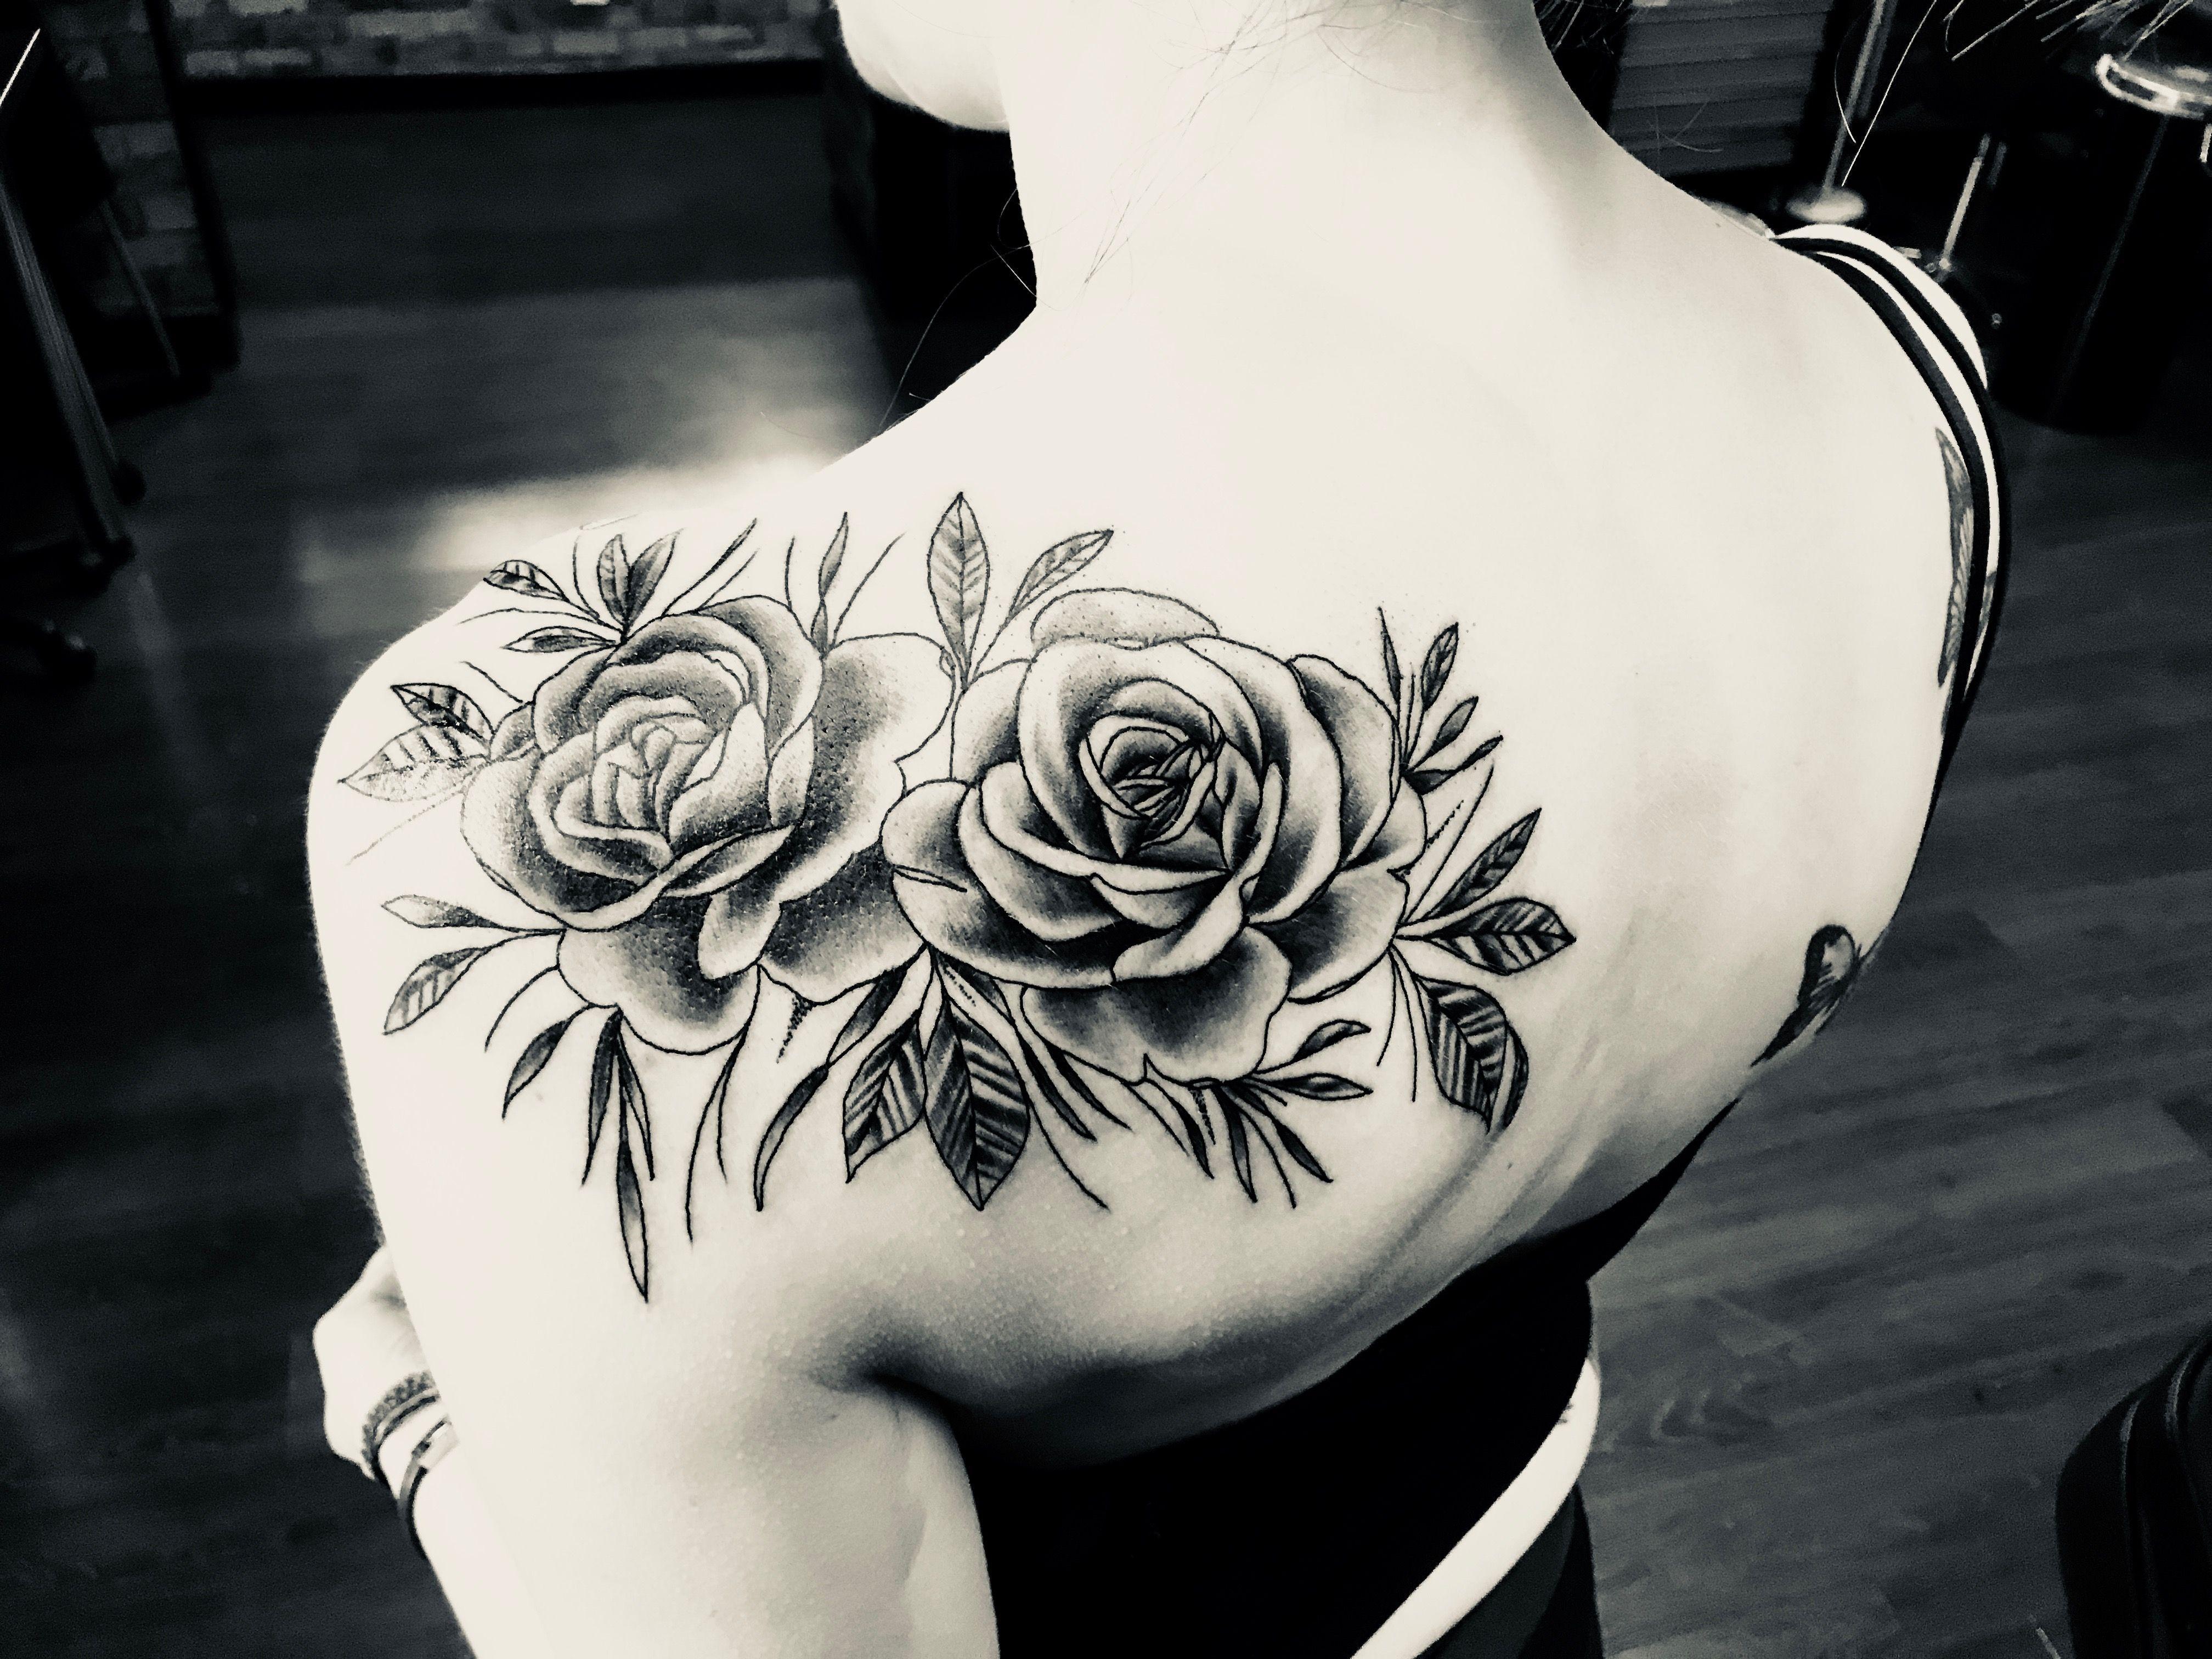 Rose shoulder tattoo in black & shading